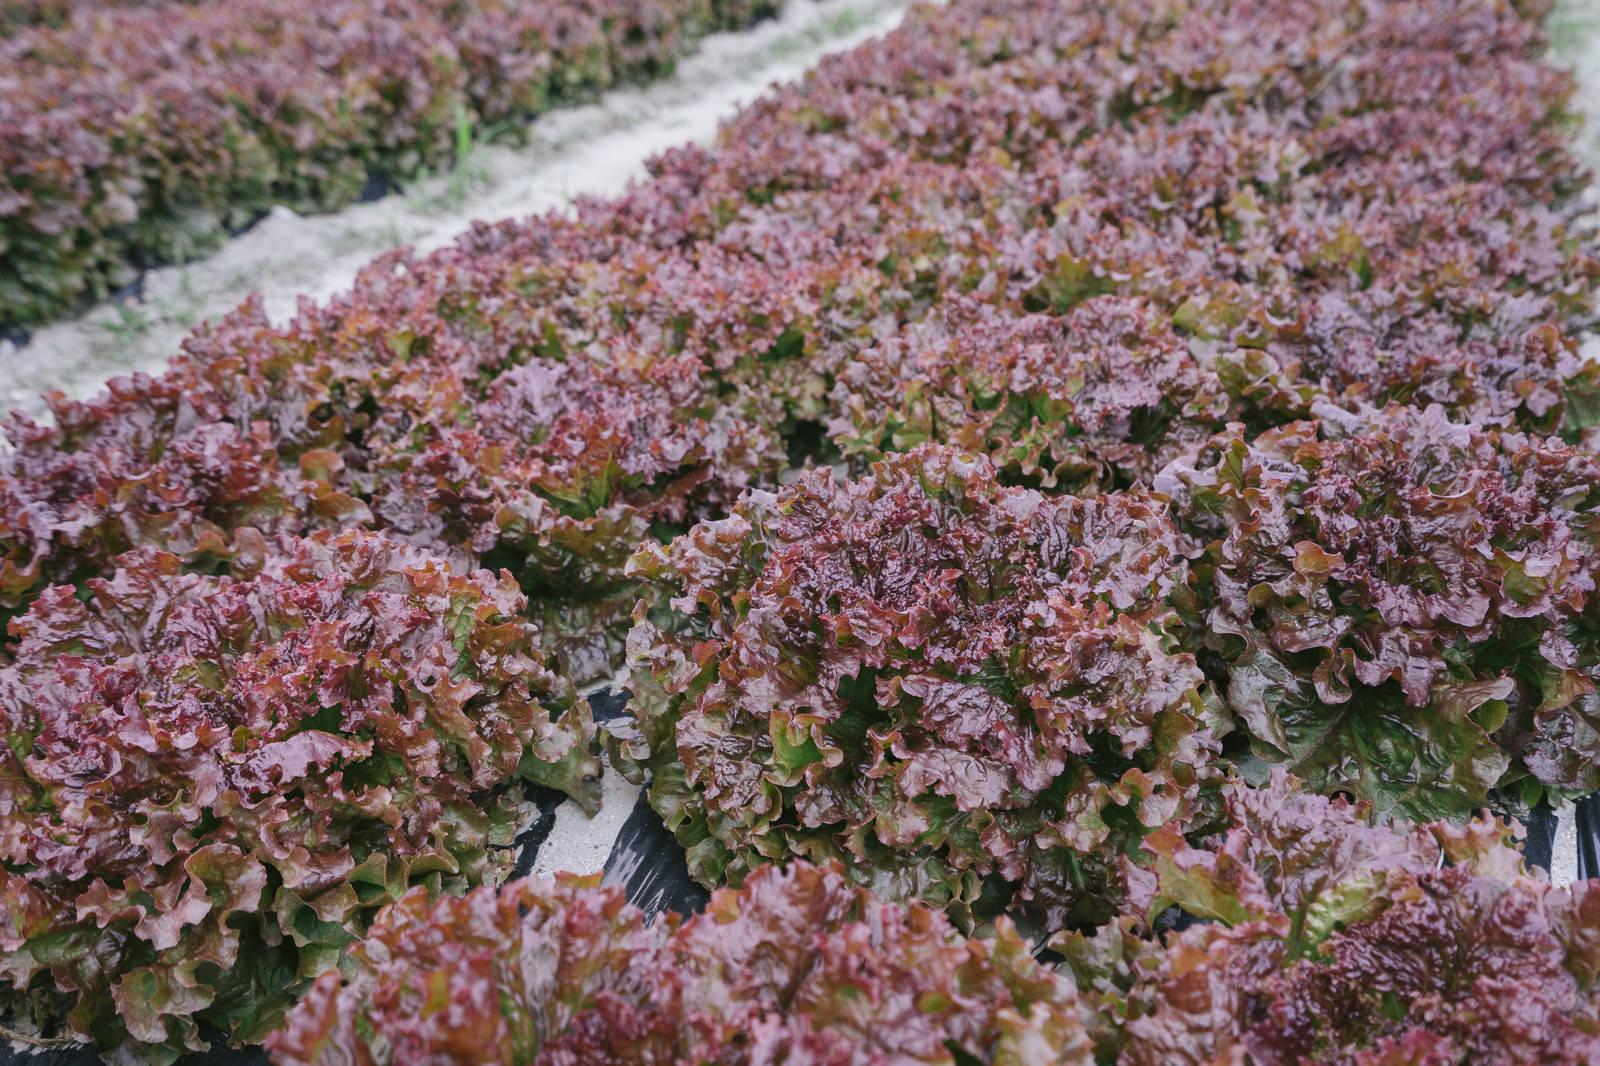 「収穫間近のサニーレタス収穫間近のサニーレタス」のフリー写真素材を拡大